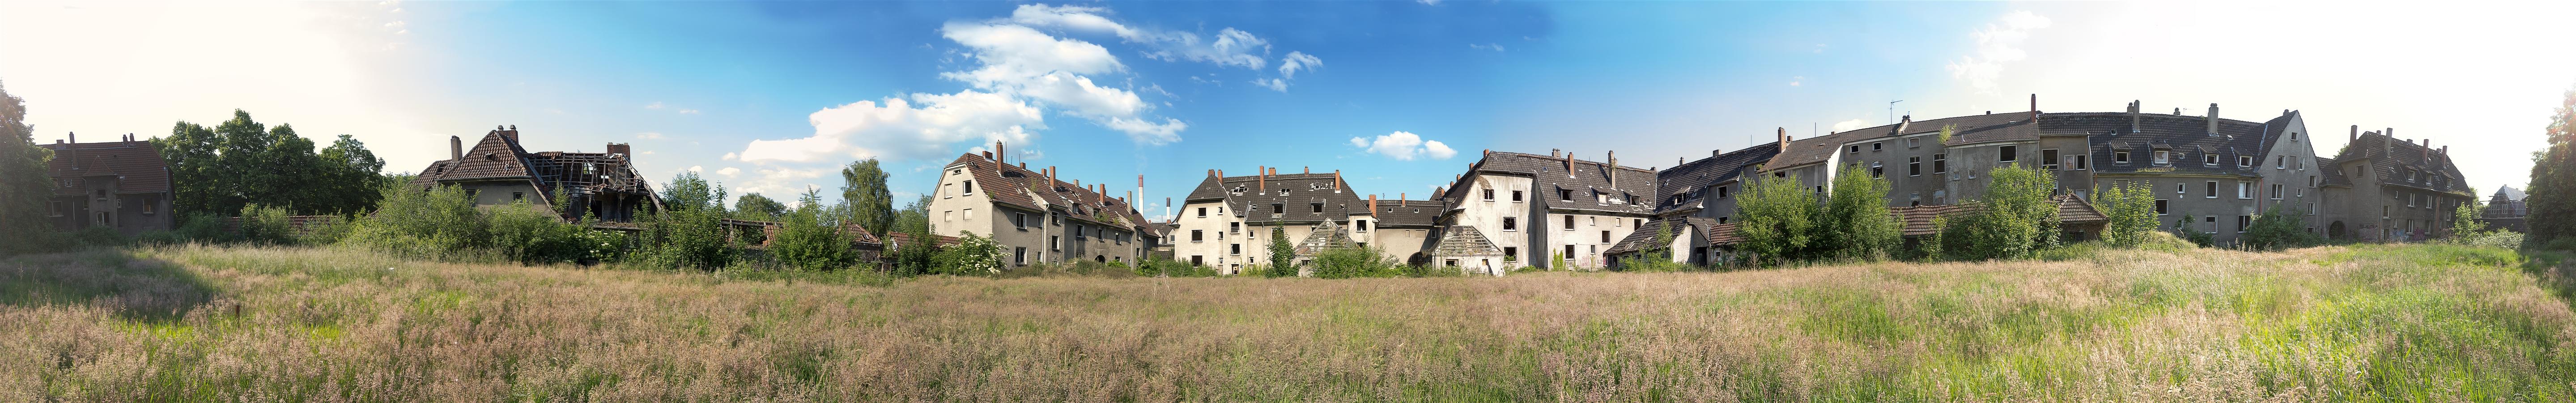 Urbex Verlassenes Dorf Bei Gladbeck Nrw